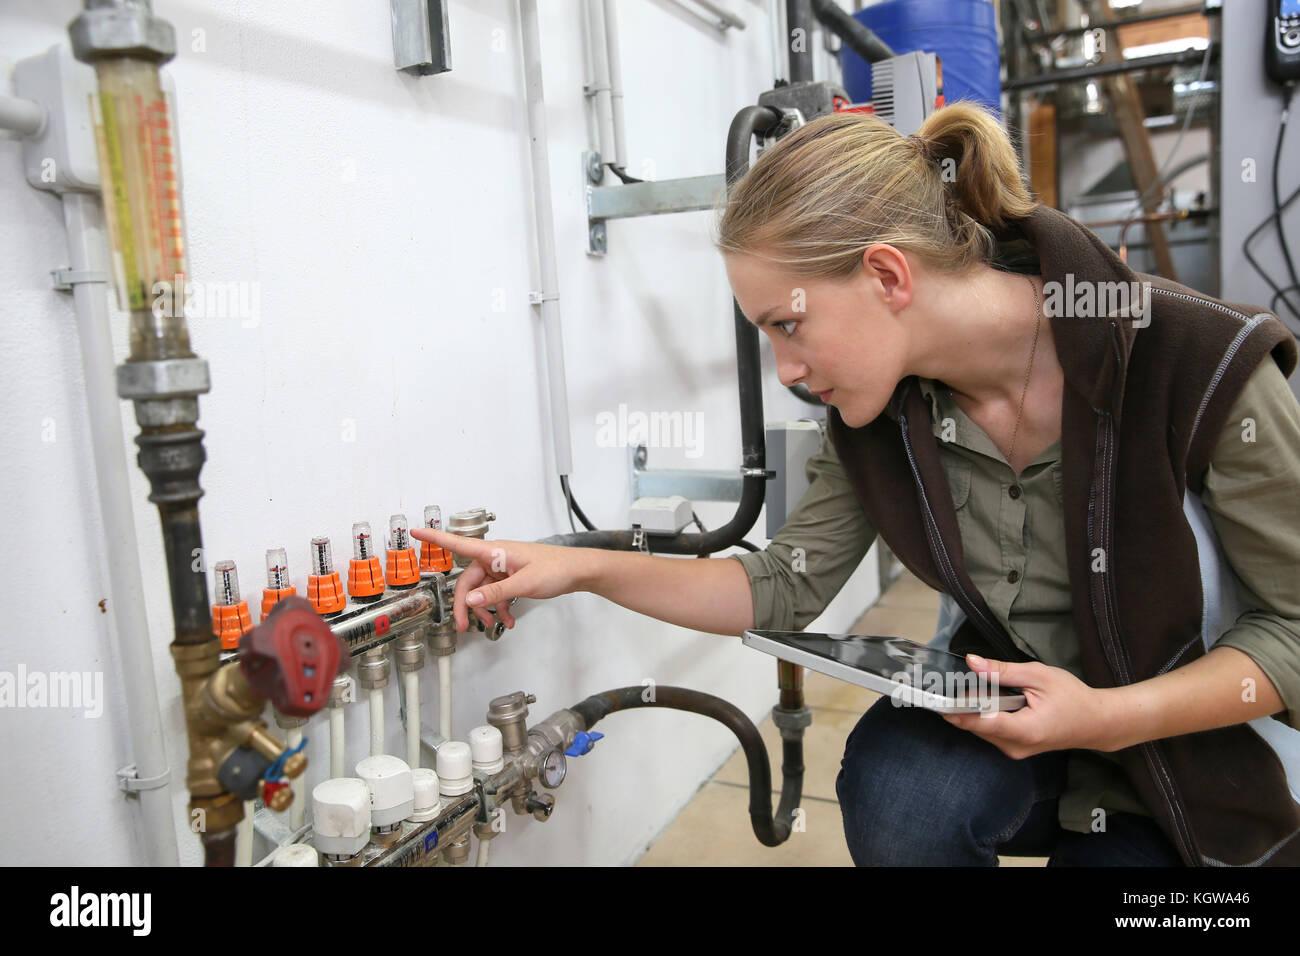 Giovane donna il controllo del livello di acqua in un macchinario Immagini Stock